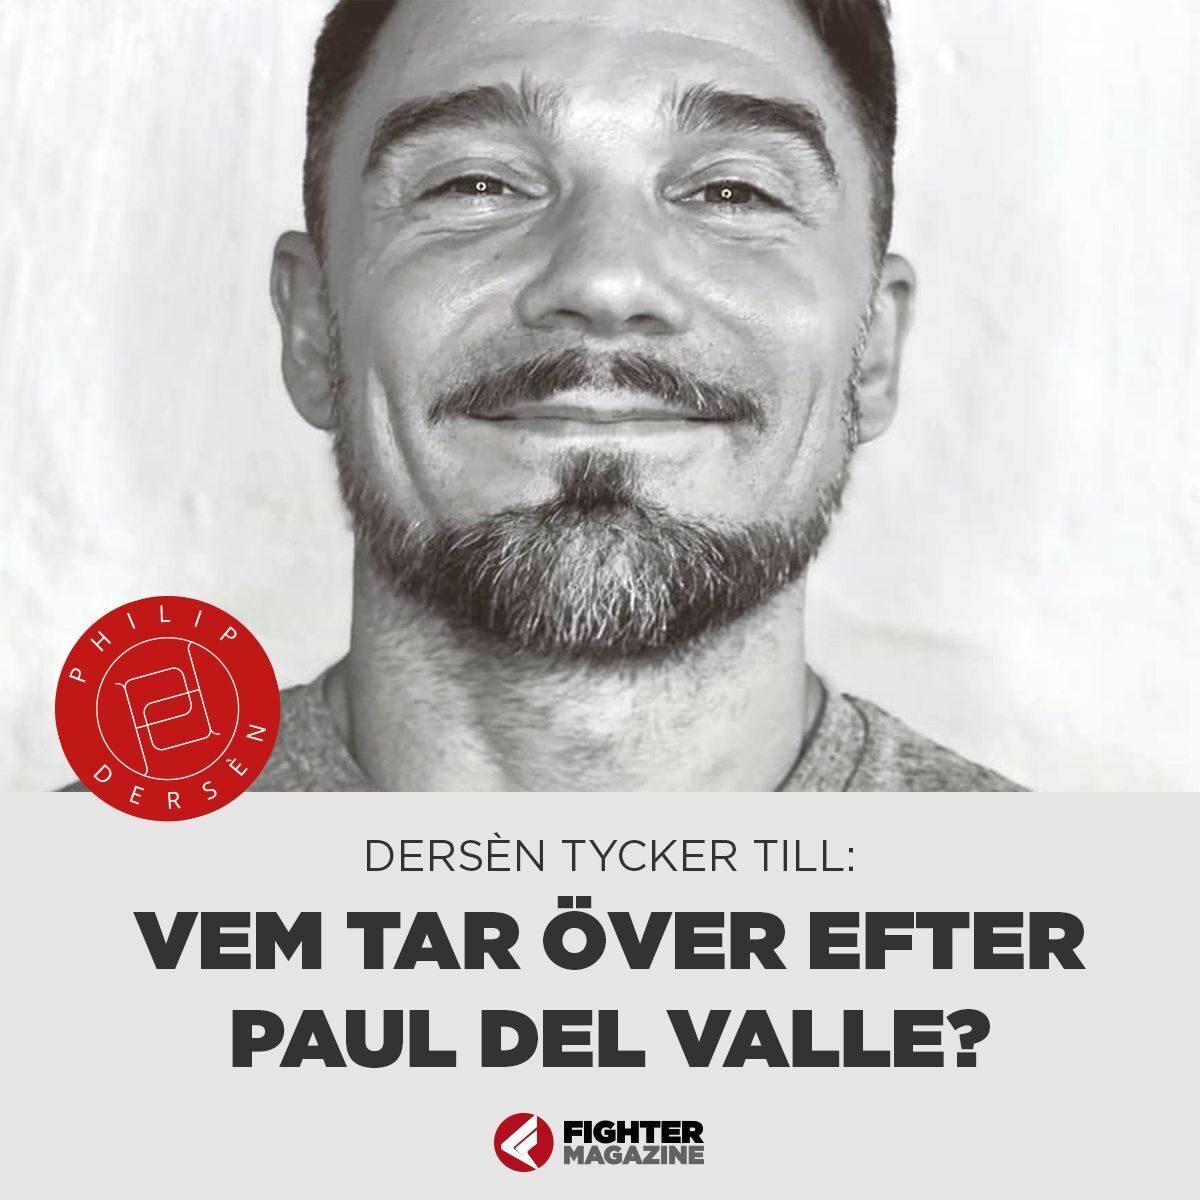 Dersén tycker till: Vem tar över som kommentator efter Paul Del Valle?